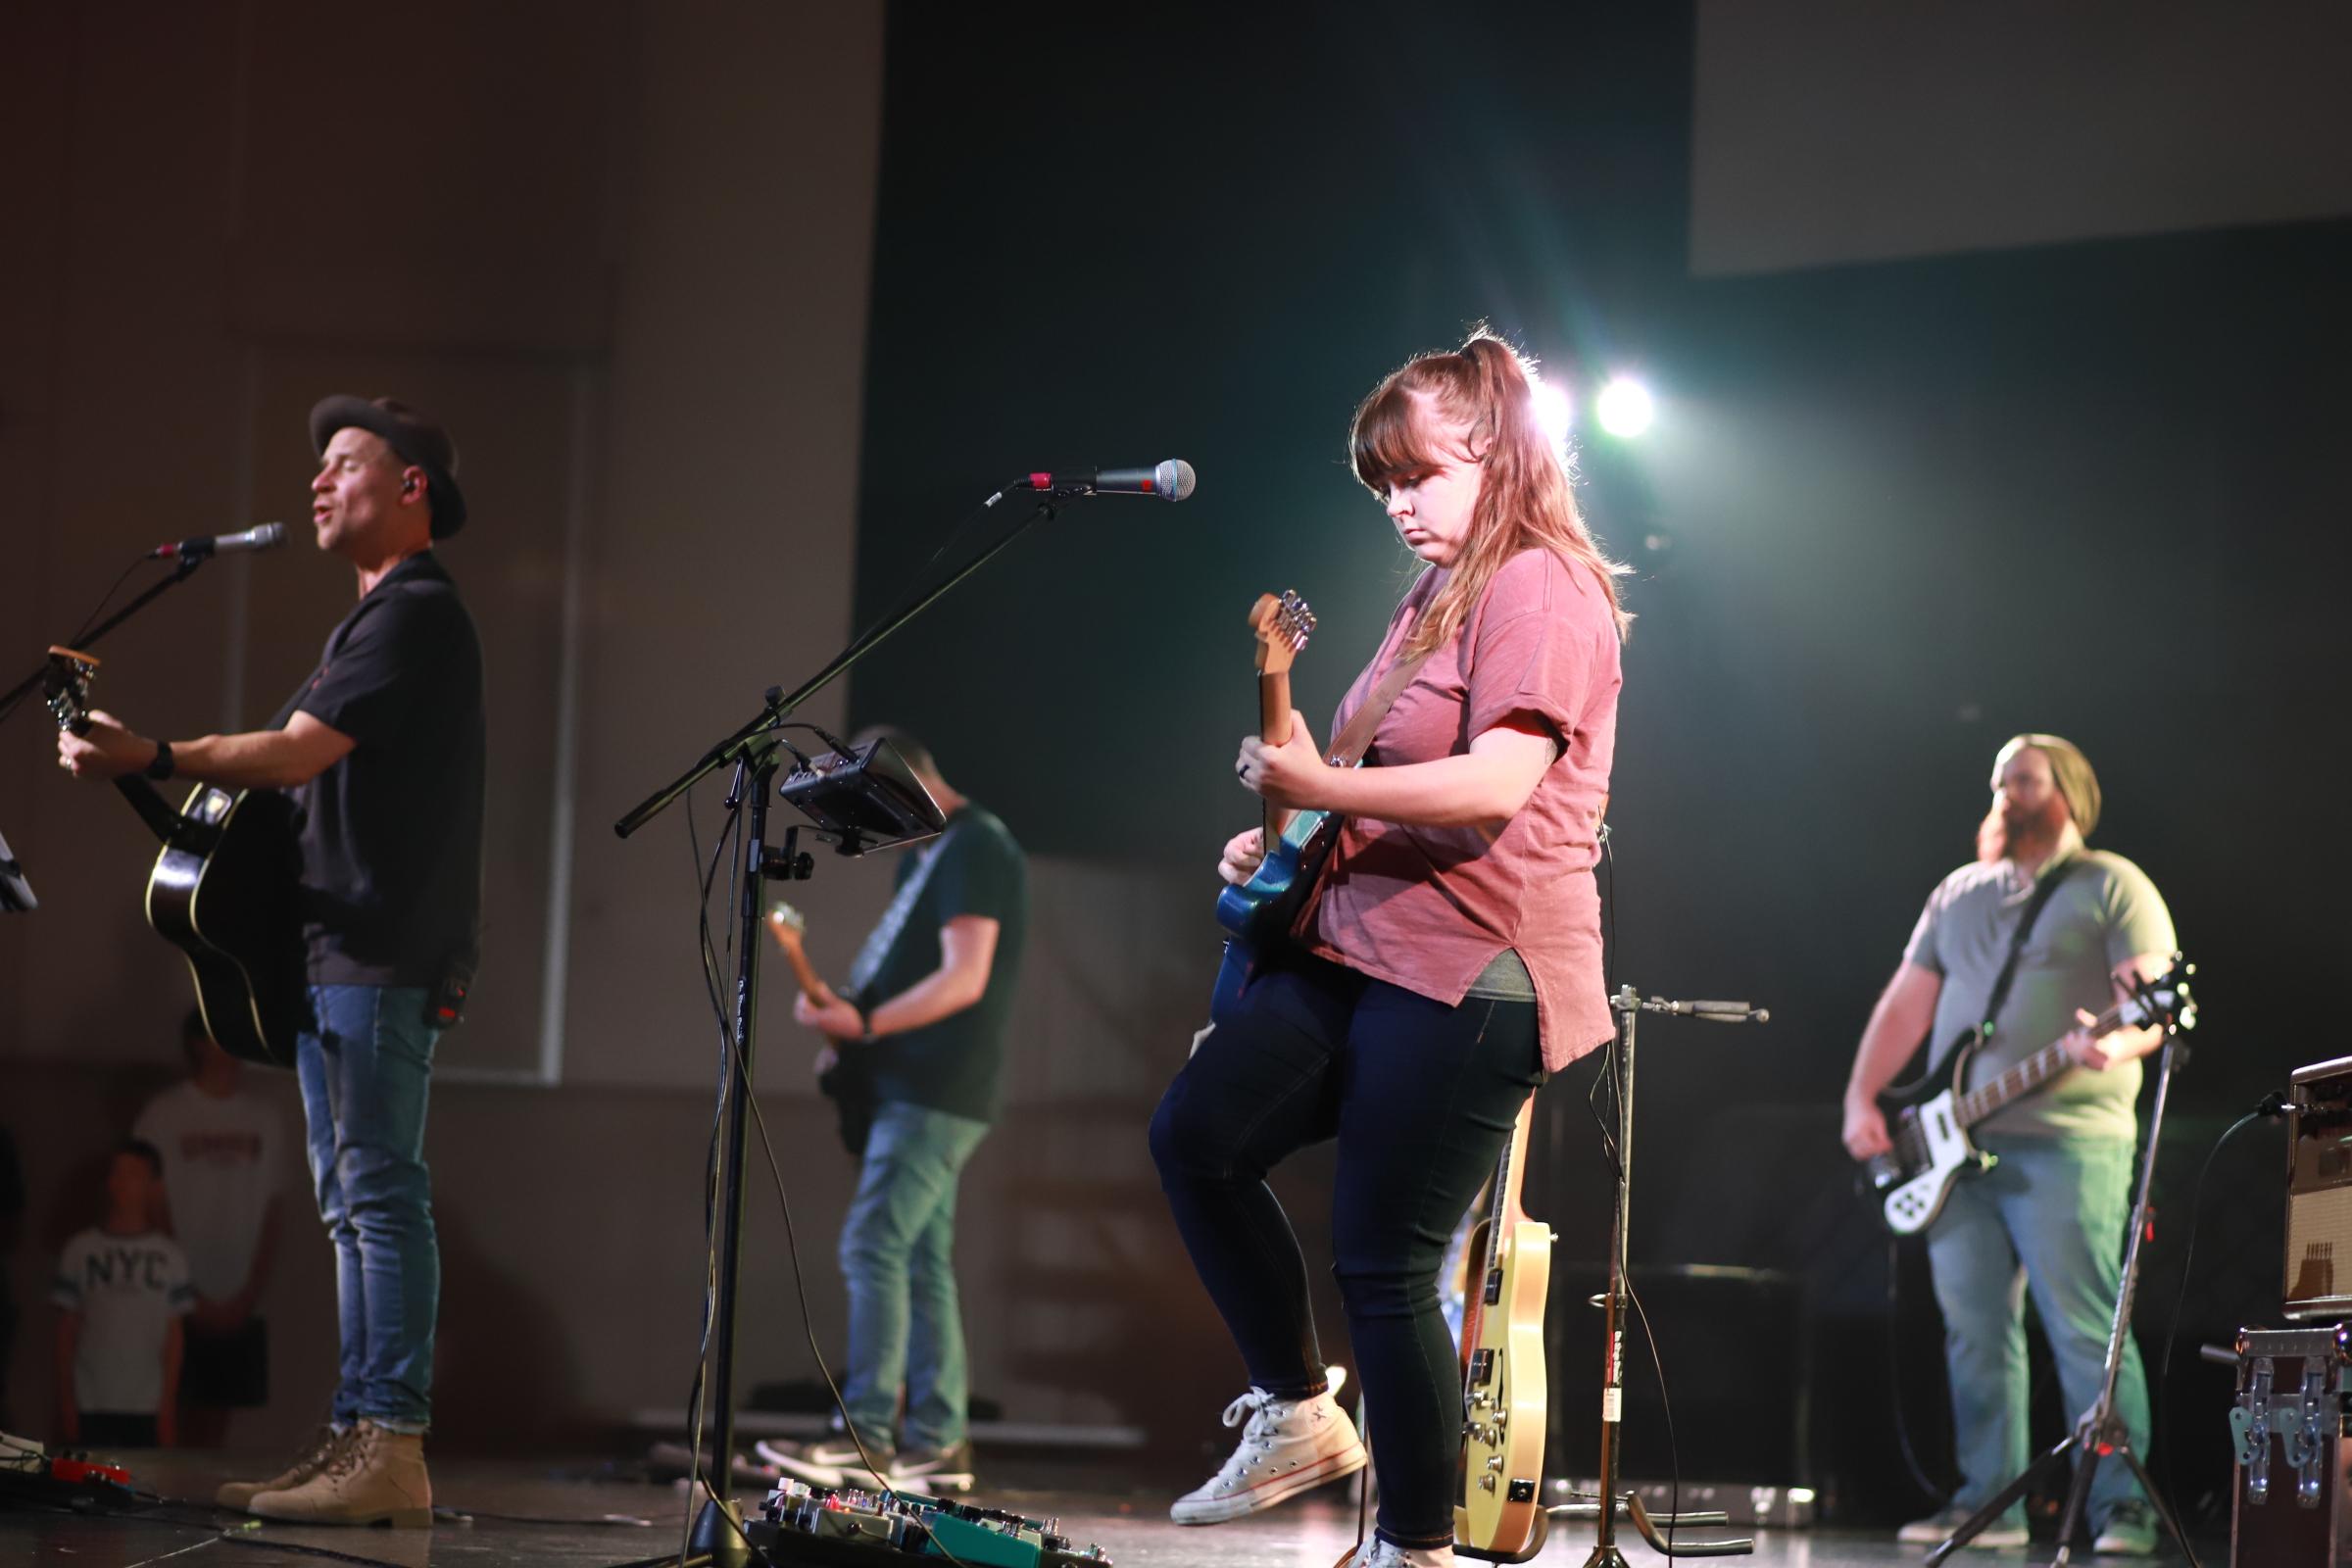 Band Leading Worship on Friday Night